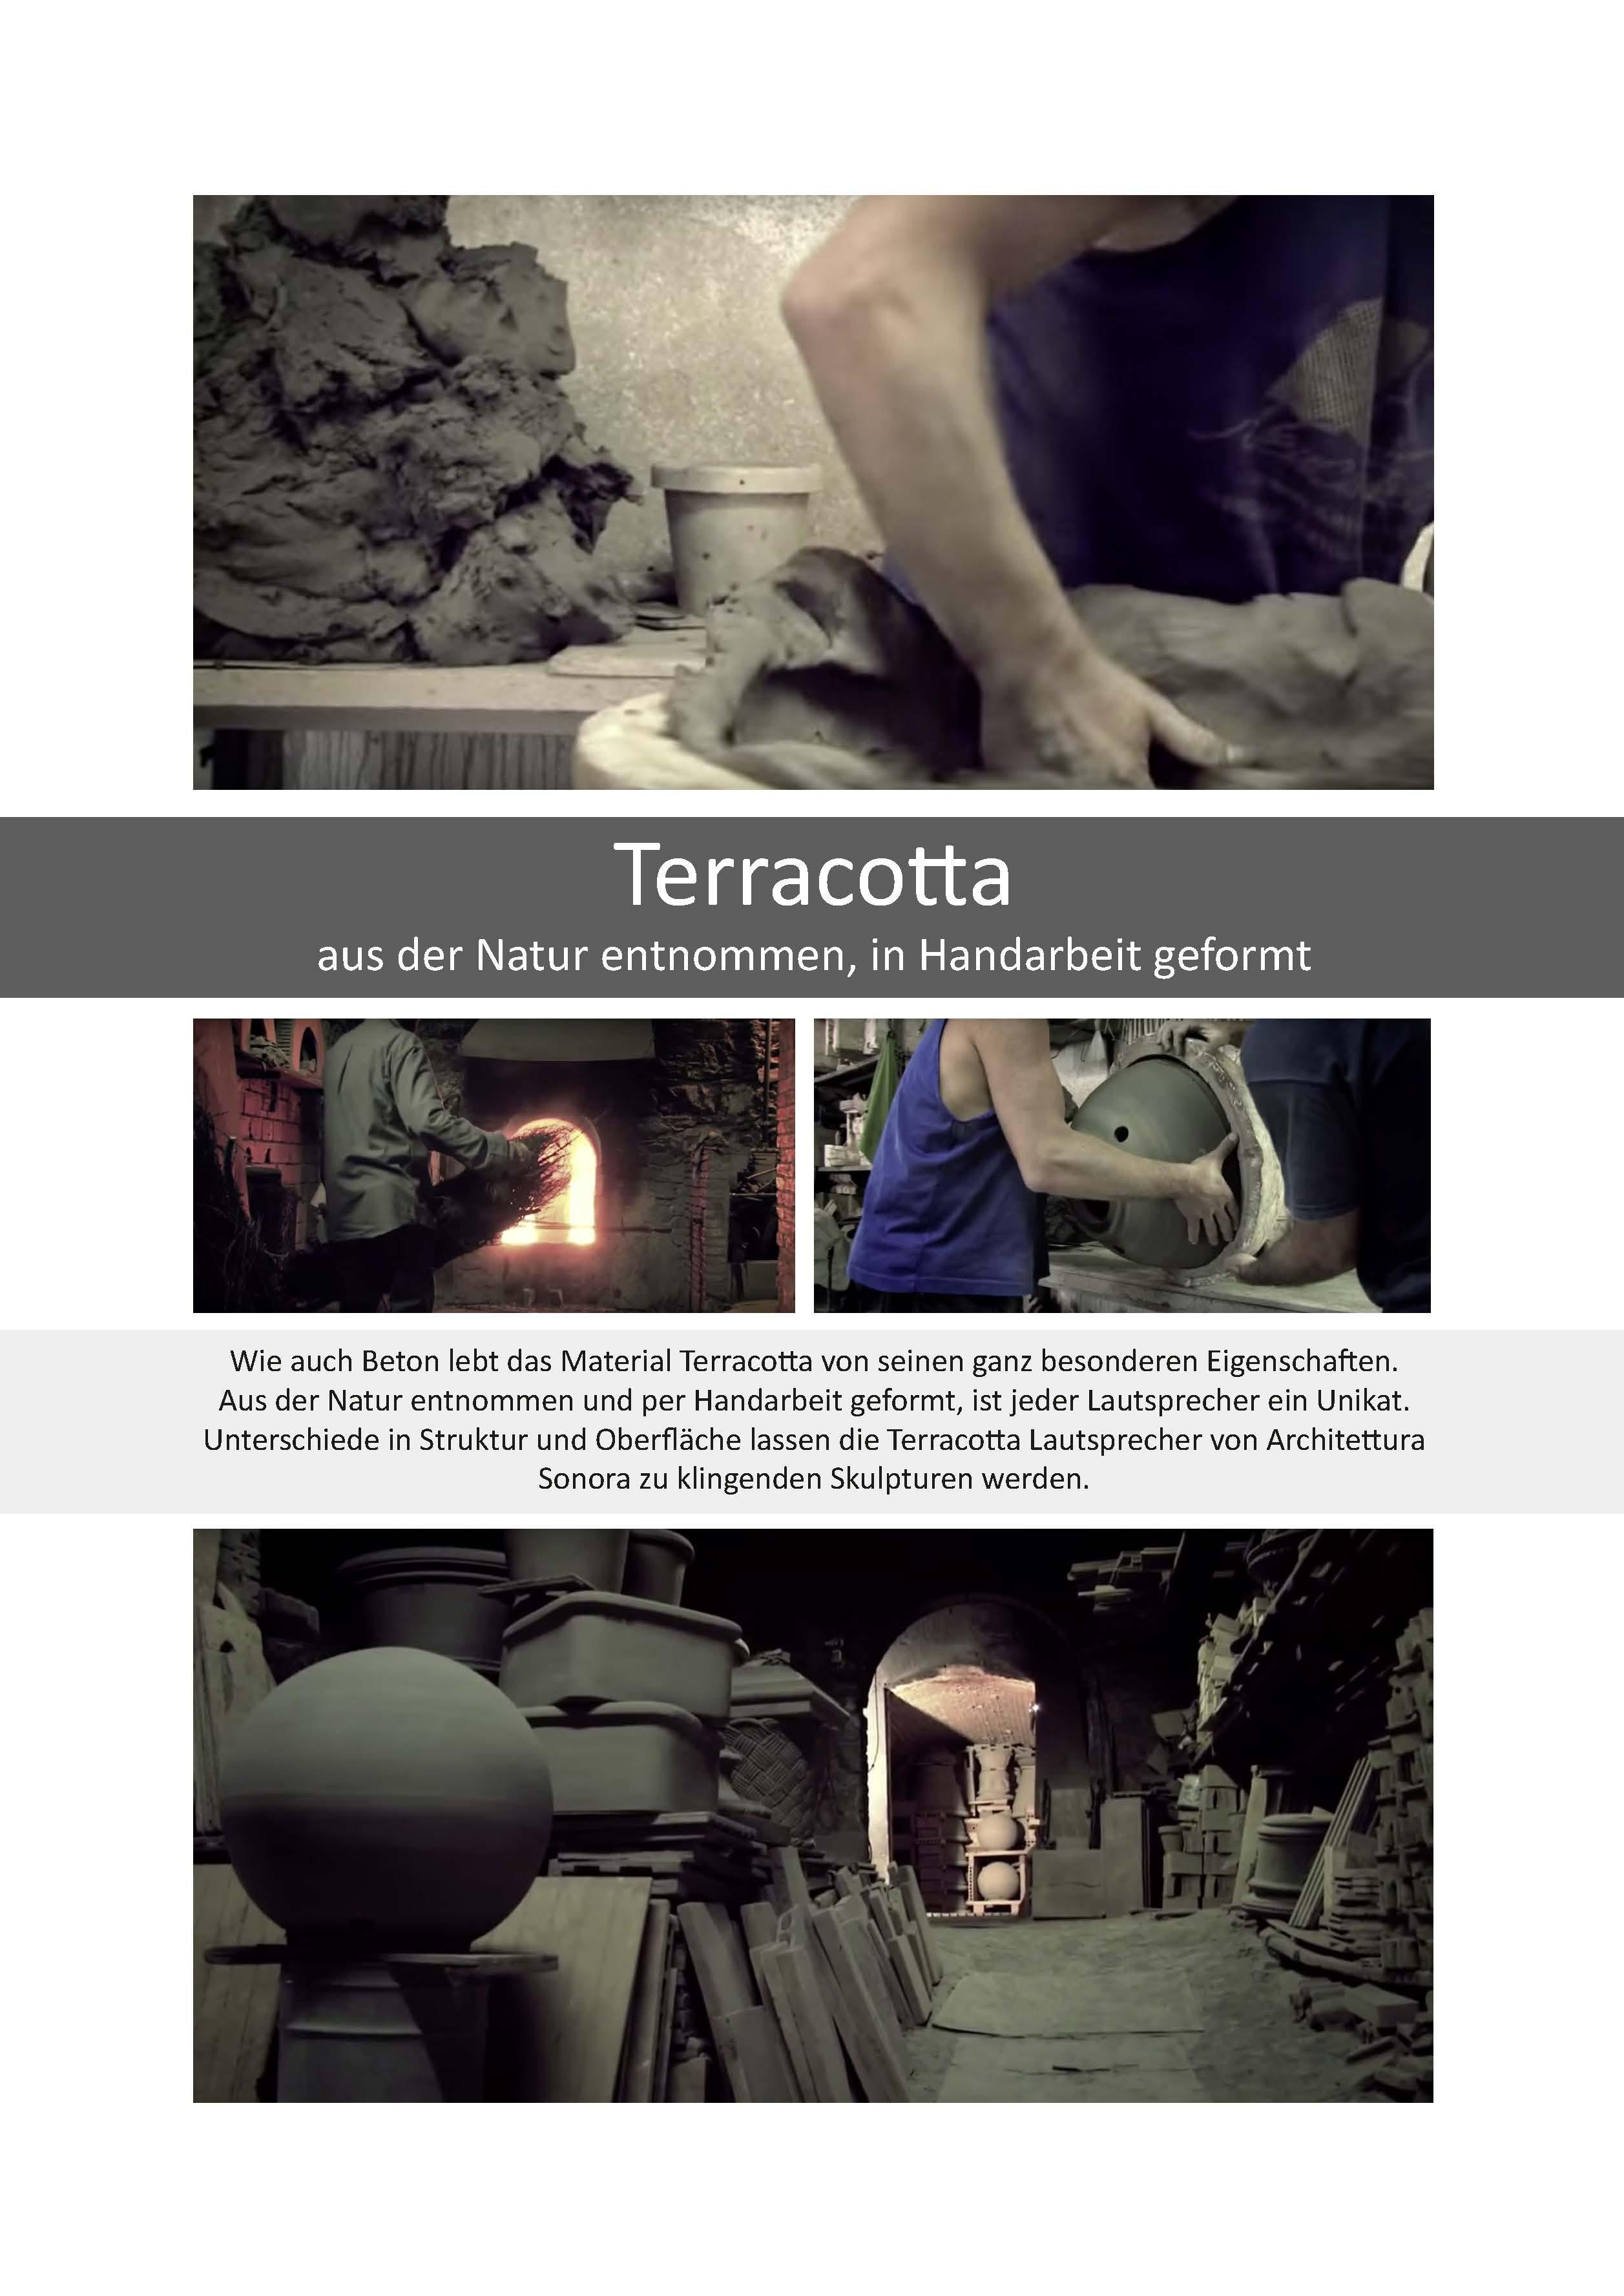 materialeigenschaften_beton_und_terracotta_Seite_5